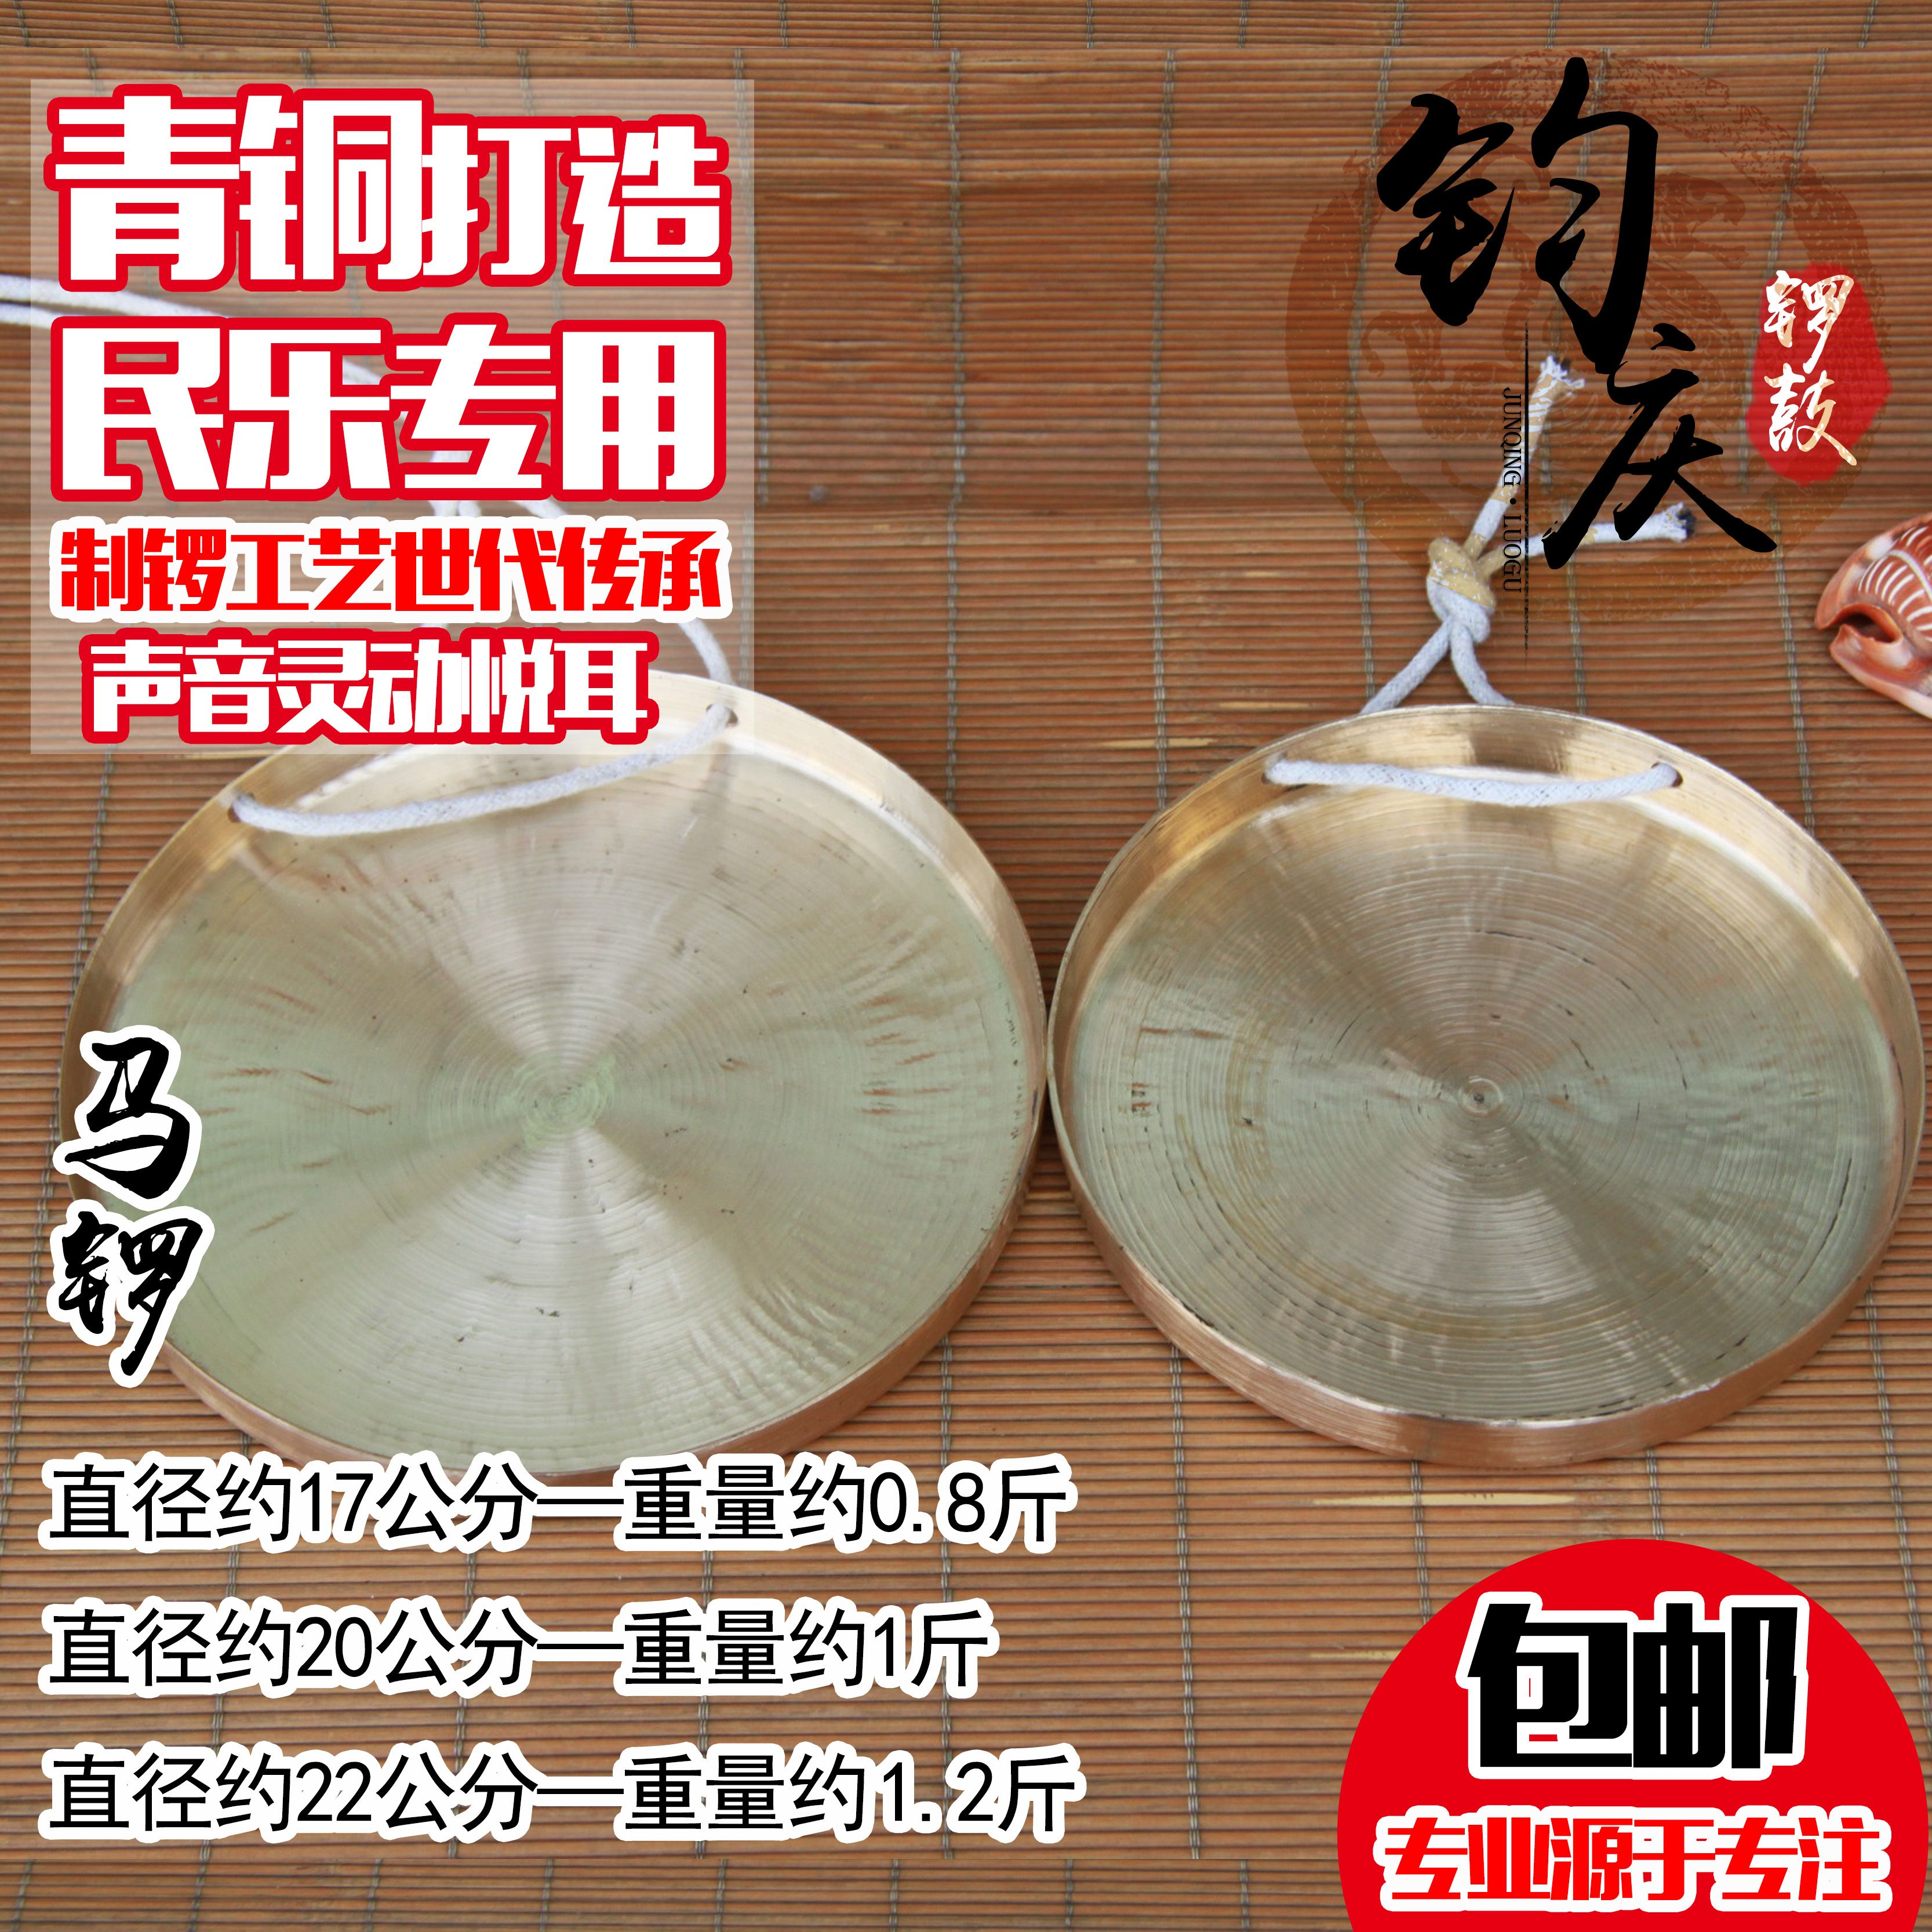 Новый товар новинка Продажа Shaanxi Guqin Factory 17/20 / 22cm Ma Ju Бронзовый гонг Маленькие латунные инструменты gong Factory direct